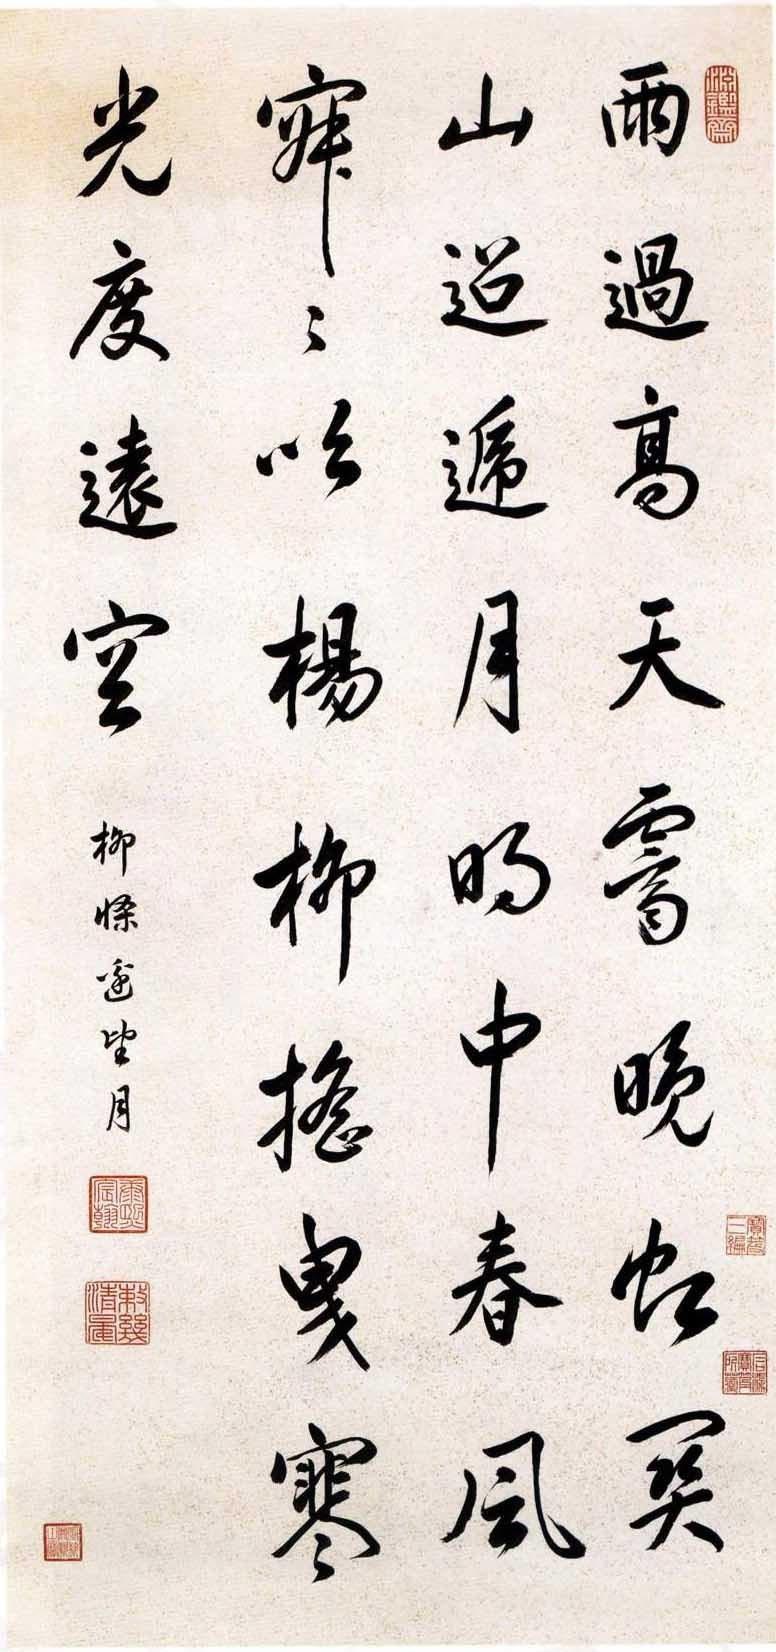 清朝皇帝写字,确实有一股气